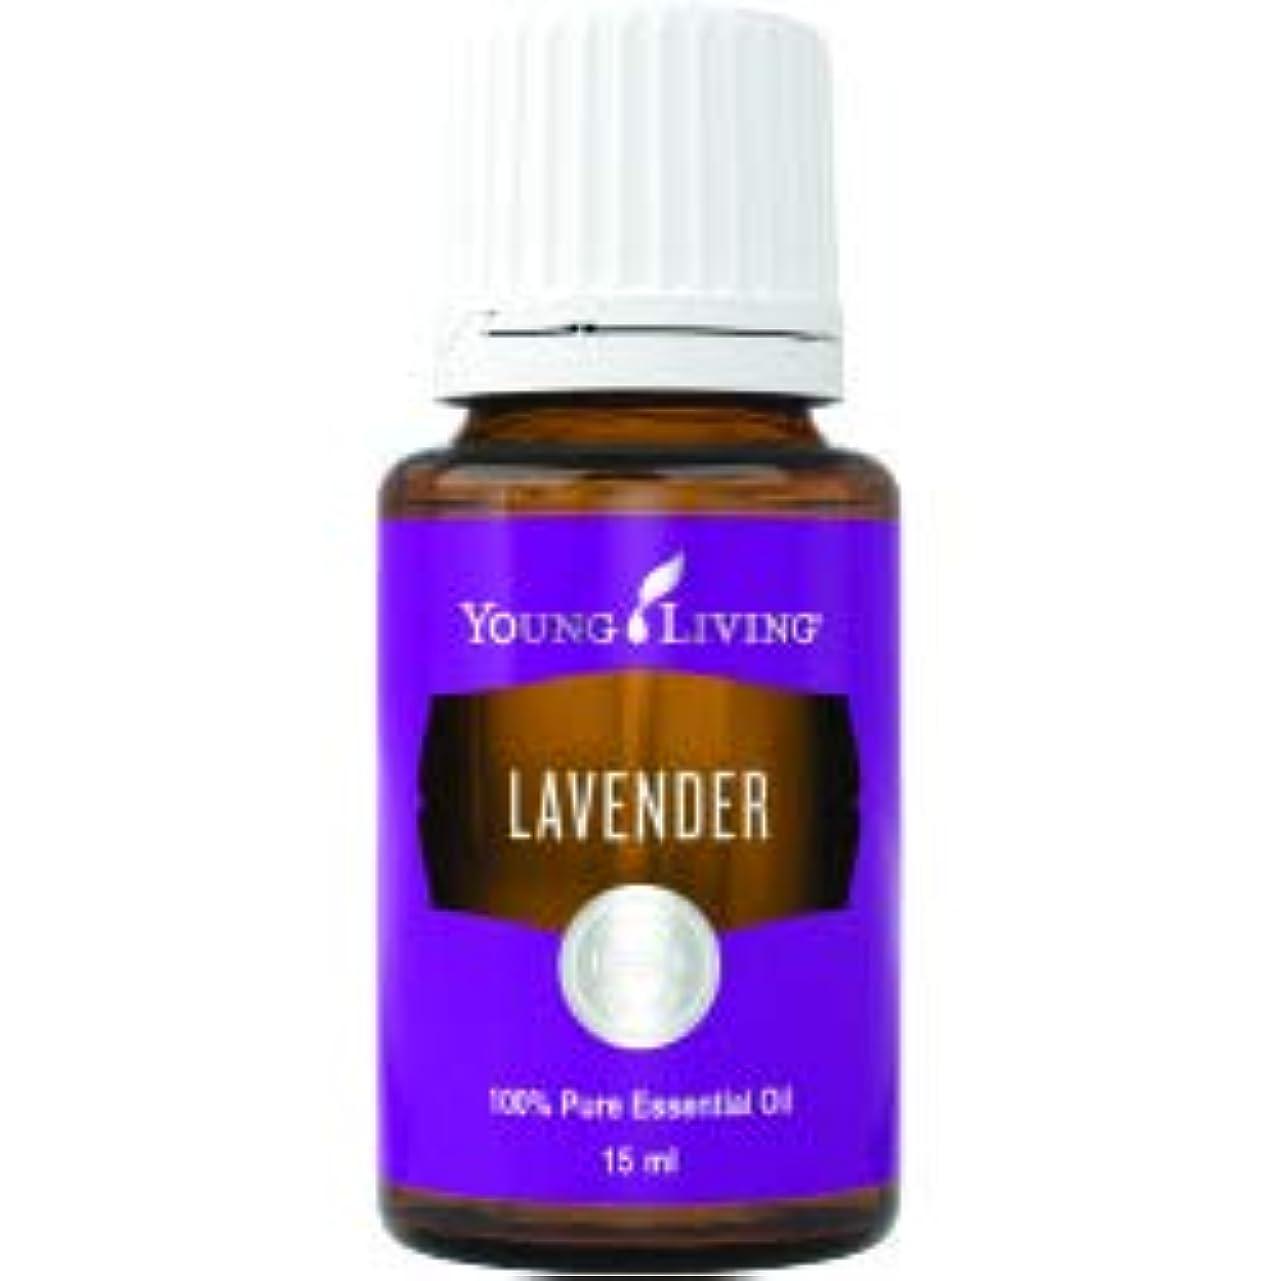 ステップアレンジゴムラベンダーエッセンシャルオイル15ml by Young Livingエッセンシャルオイルマレーシア Lavender Essential Oil 15ml by Young Living Essential Oil Malaysia